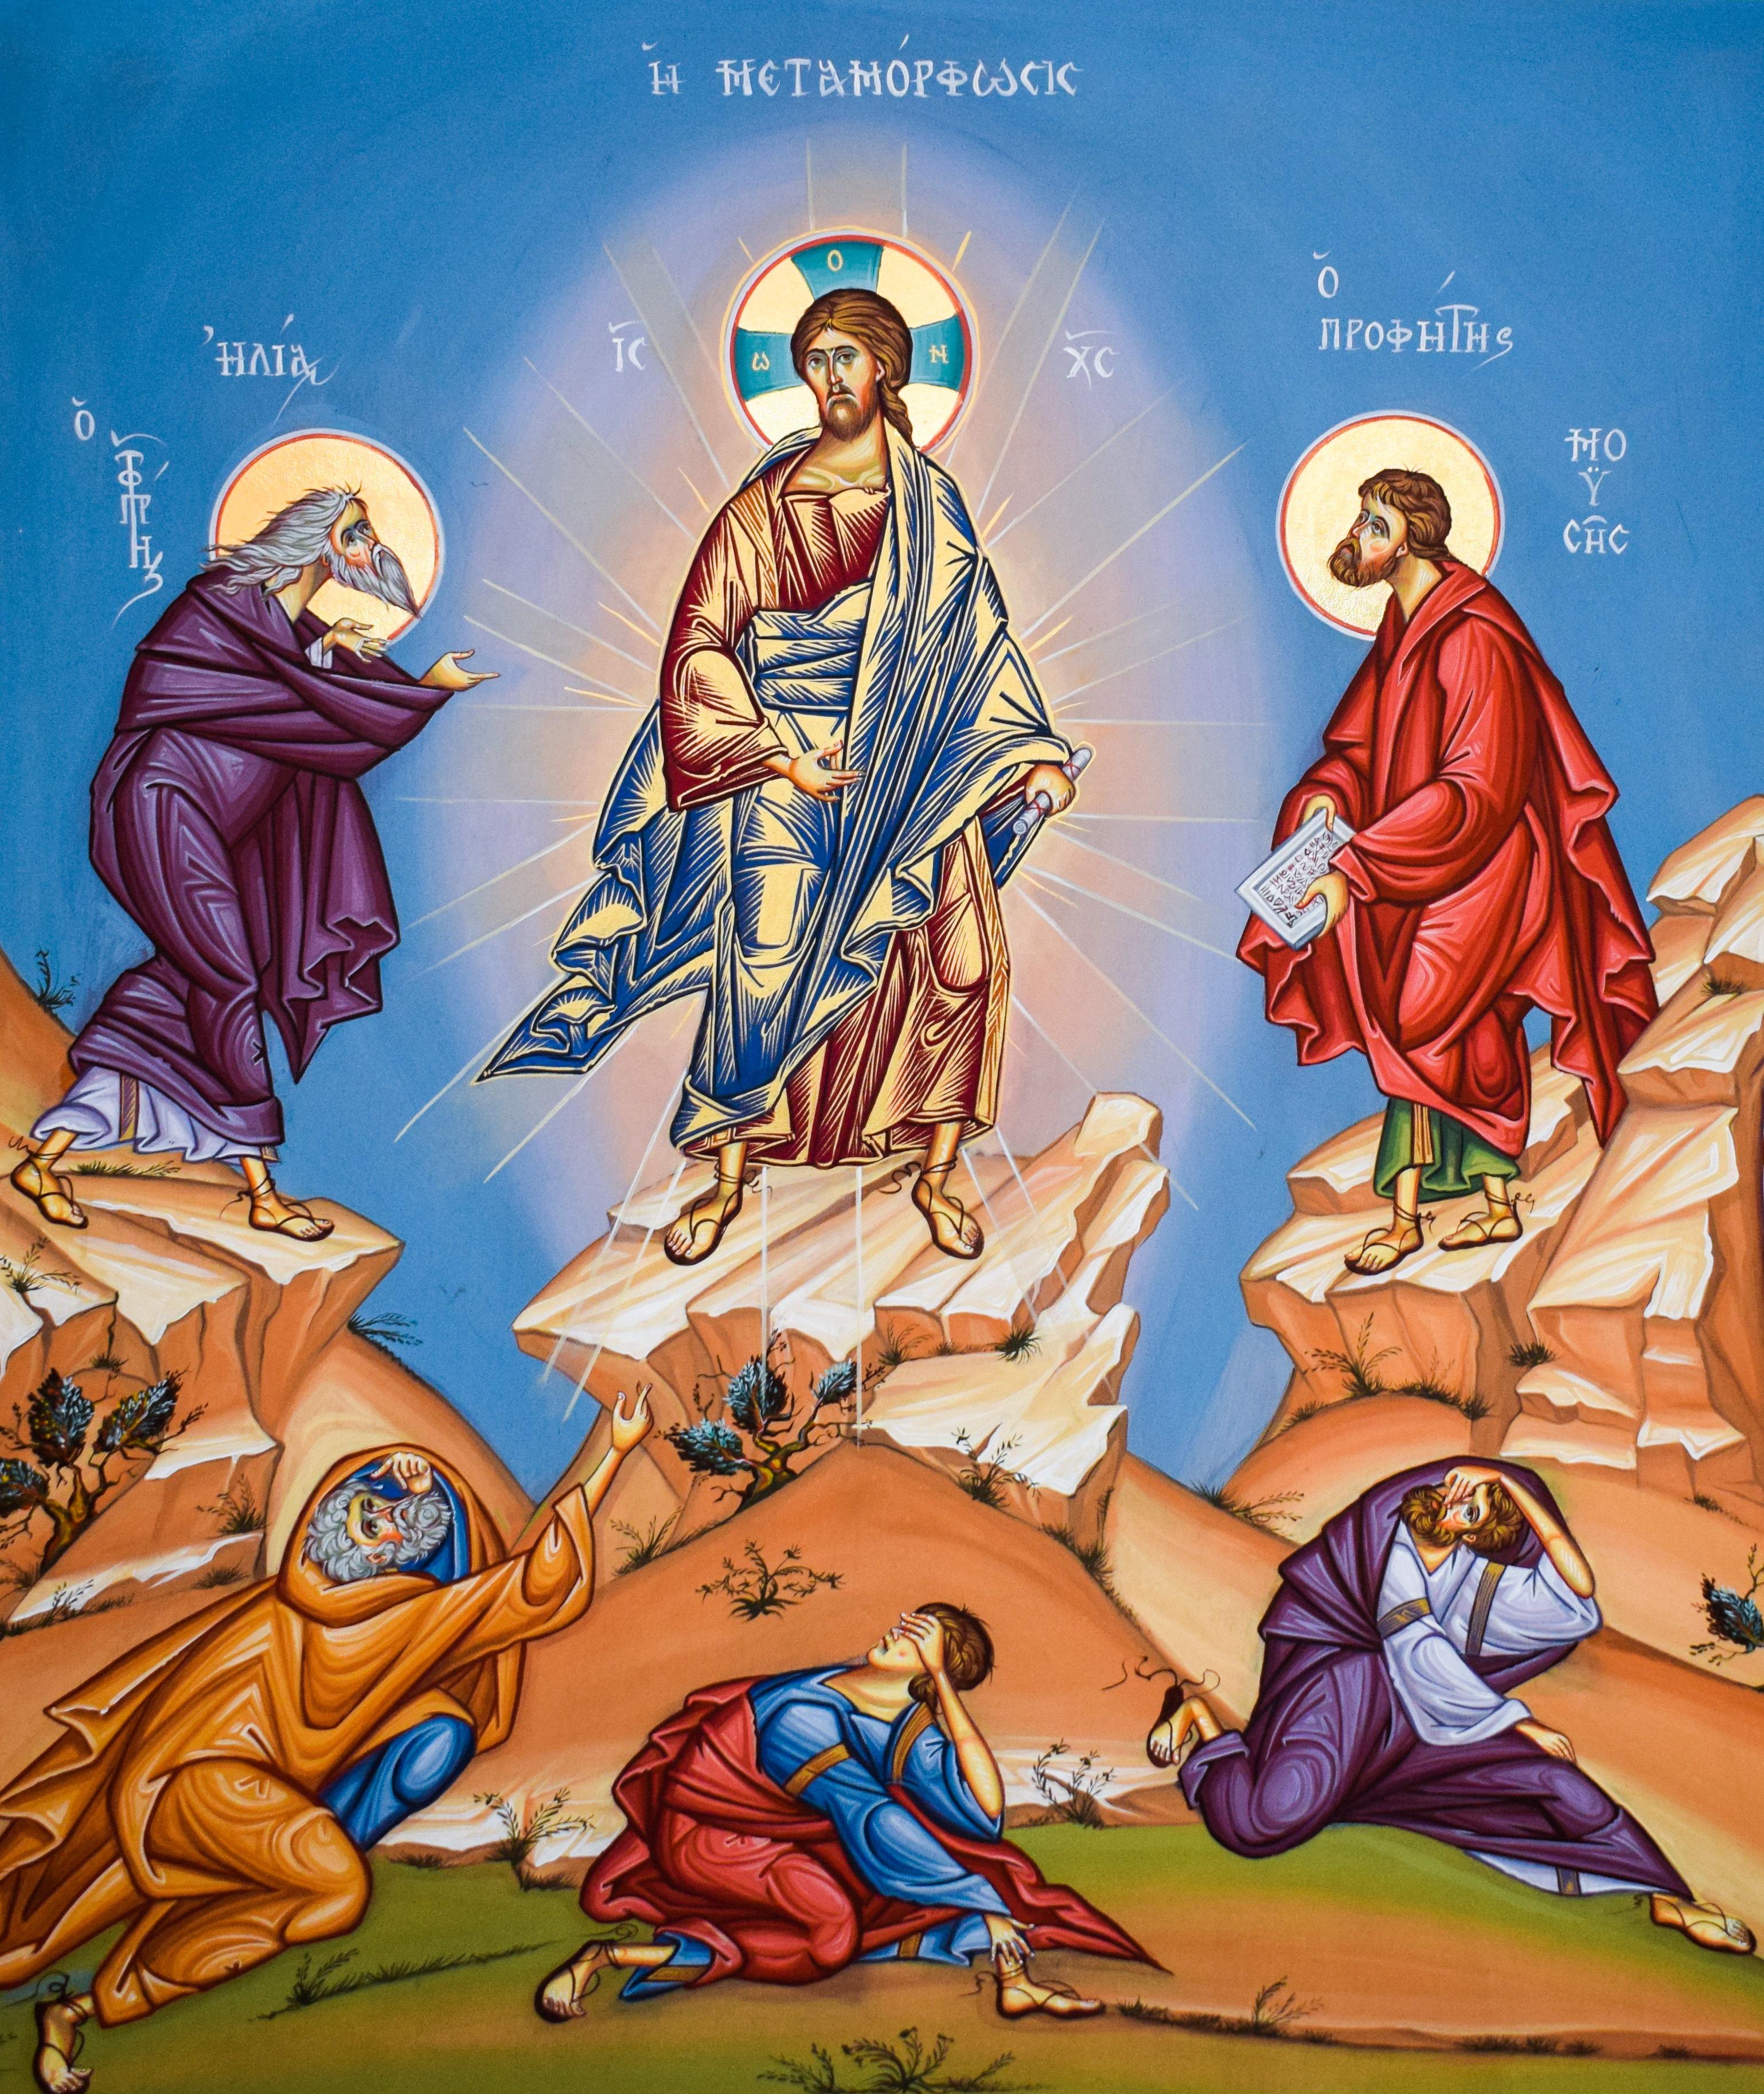 Gambar Agama Gereja Lukisan Fiksi Ilustrasi Ikonografi